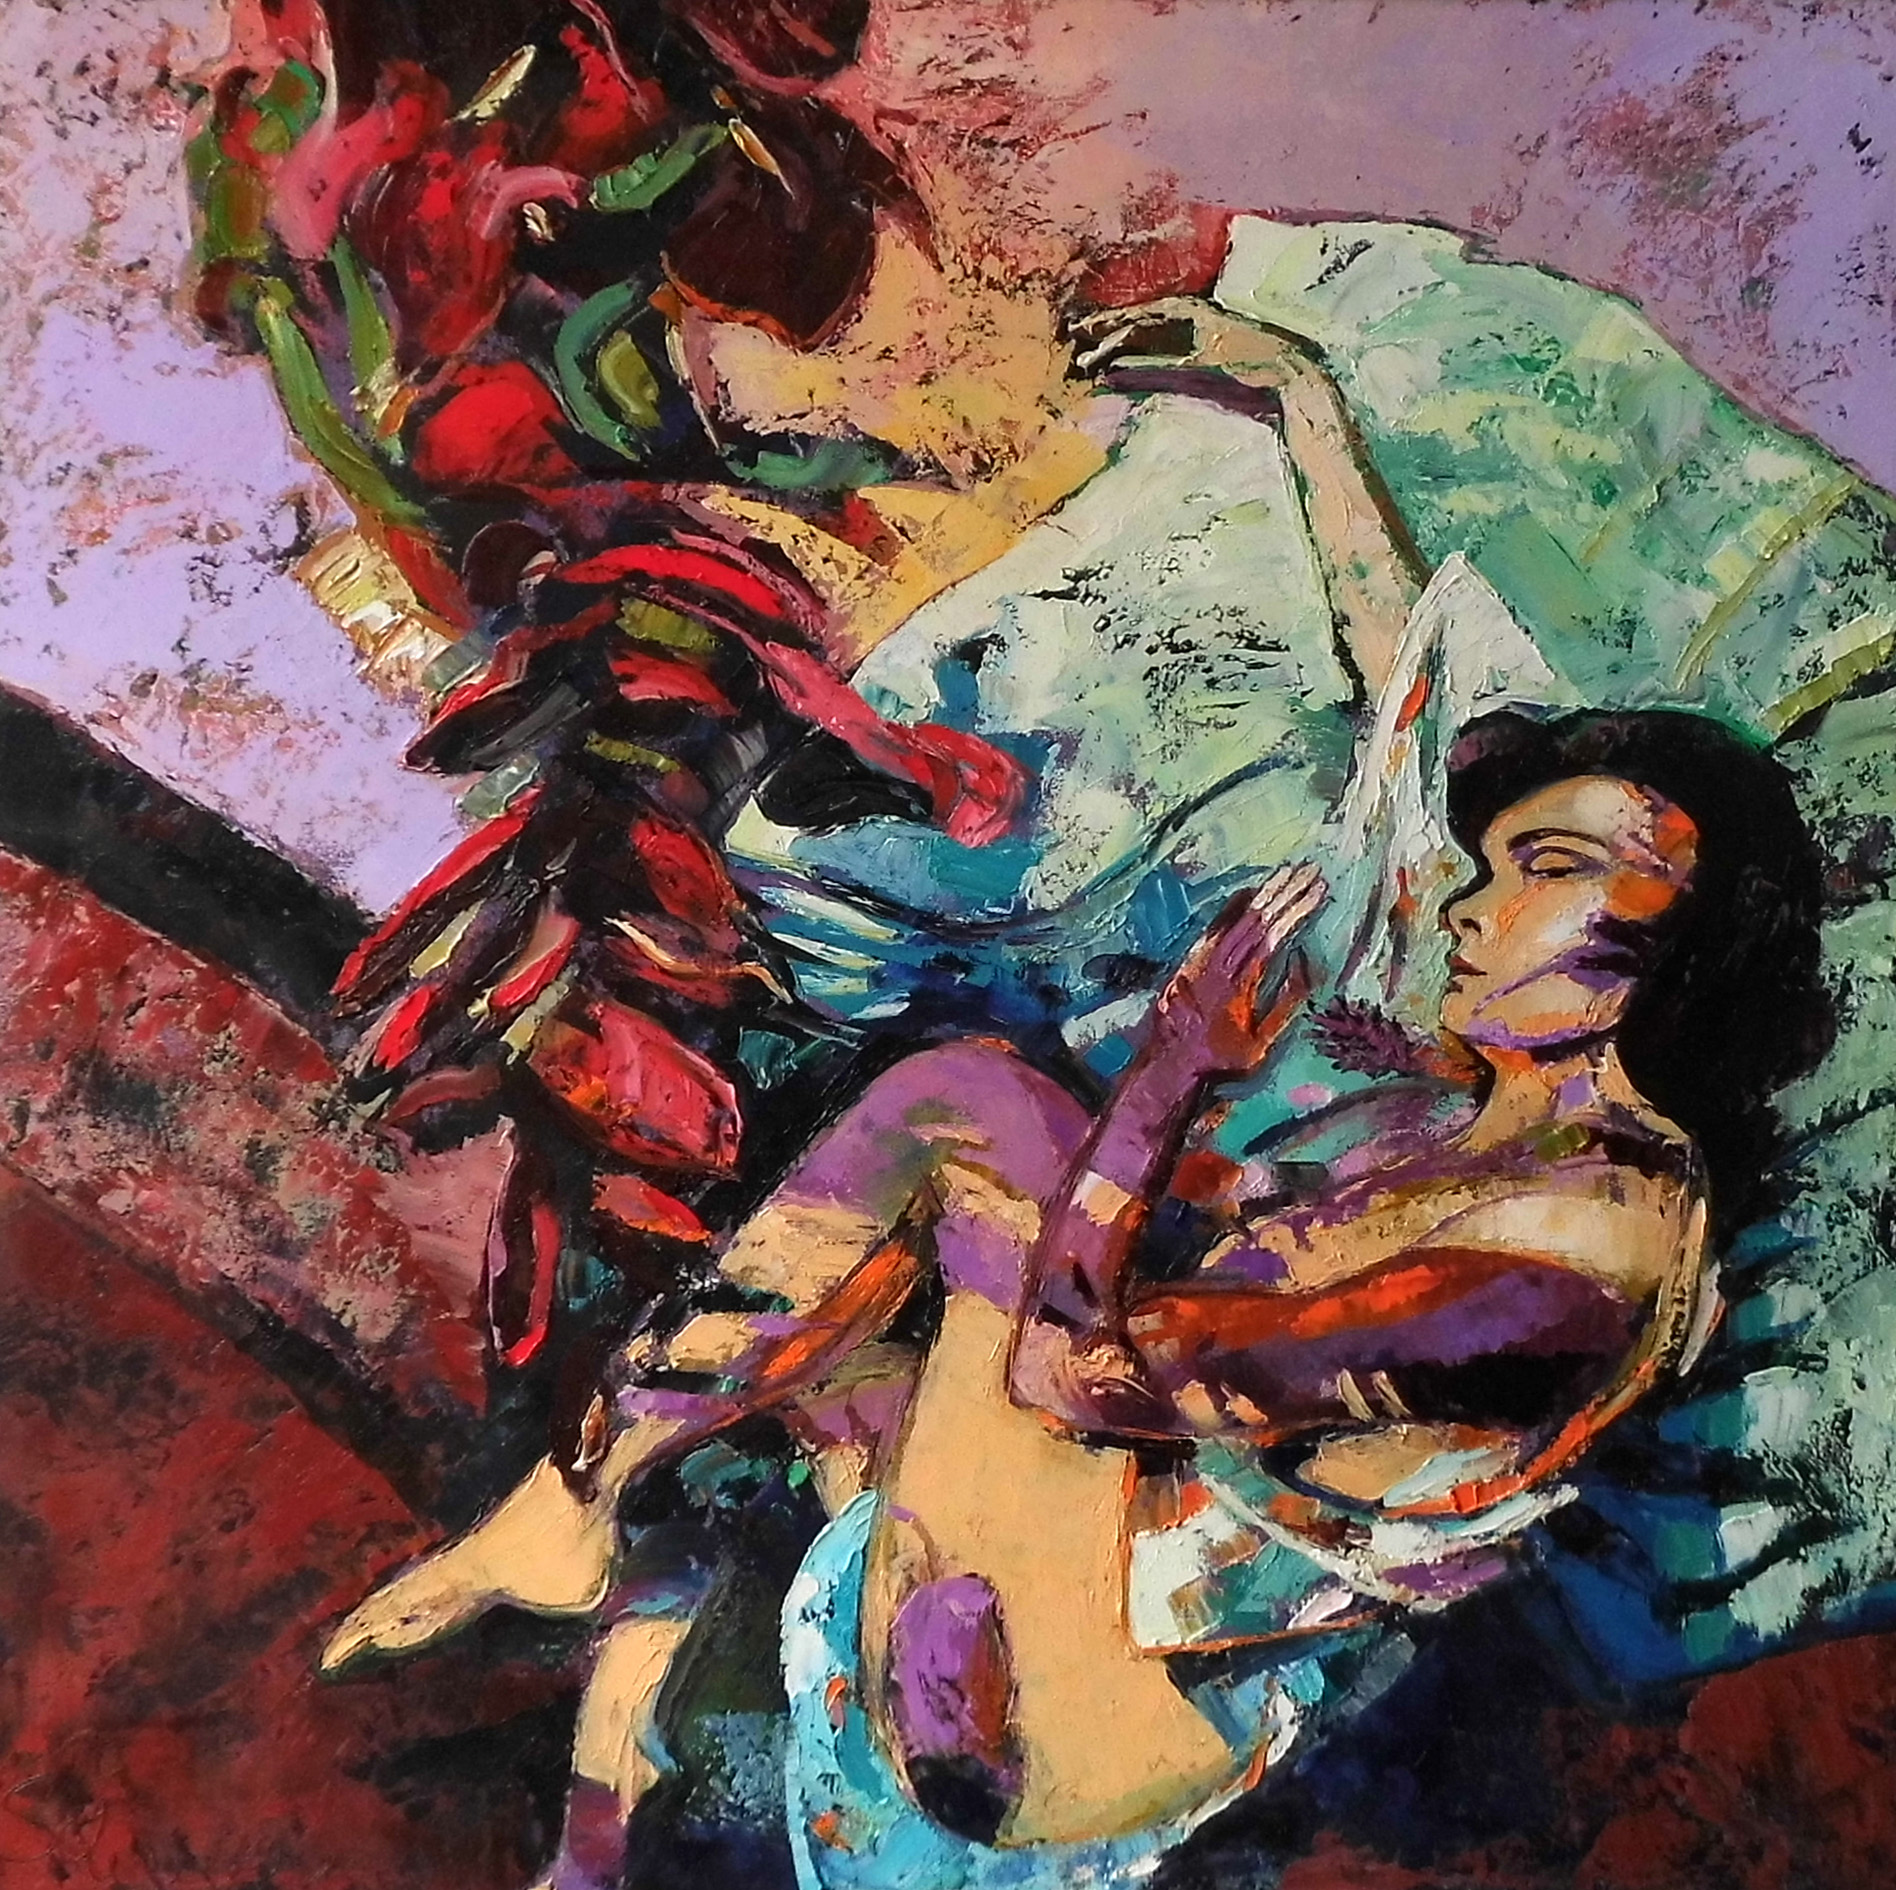 10-Christine Schlegel-Sonnenbaden-2015-Öl auf Leinwand-100x100